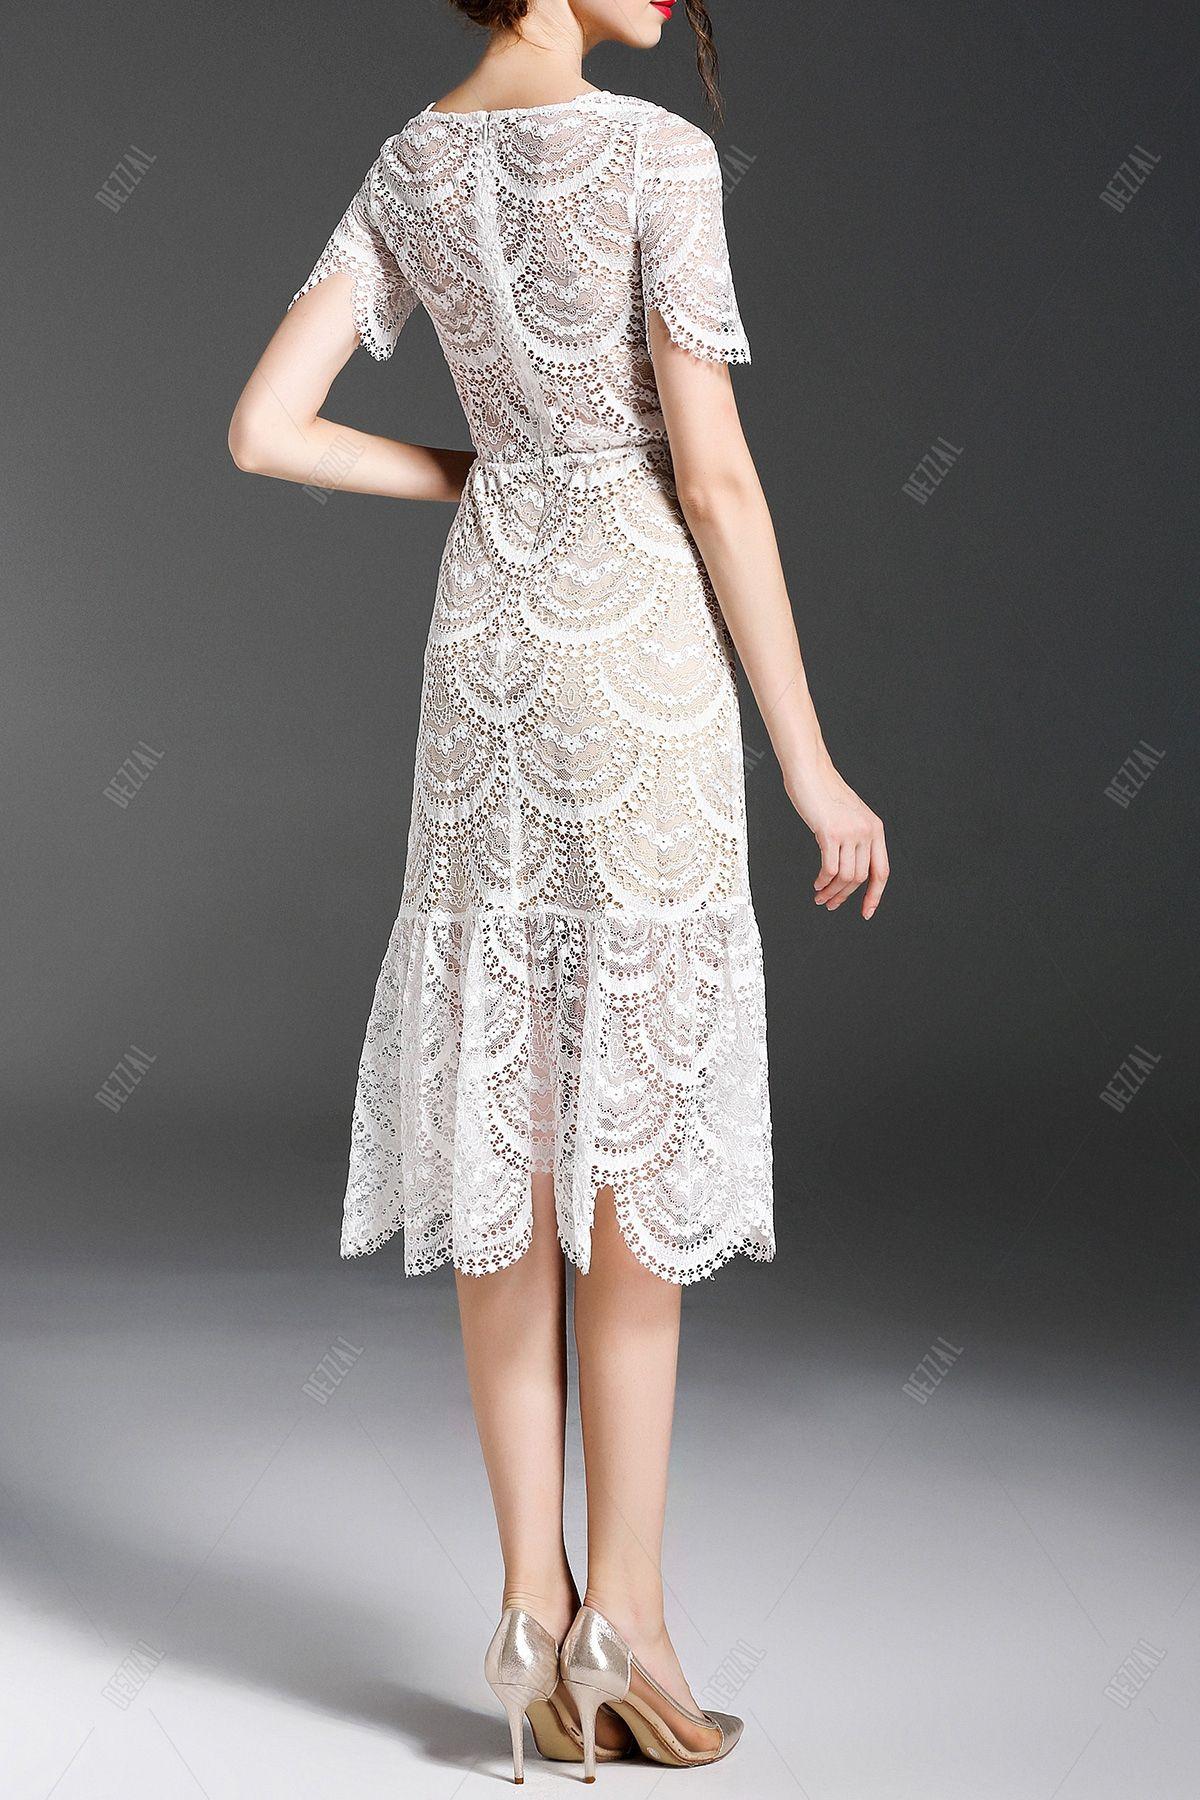 Midi Lace Trumpet Dress » Thi is so pretty!